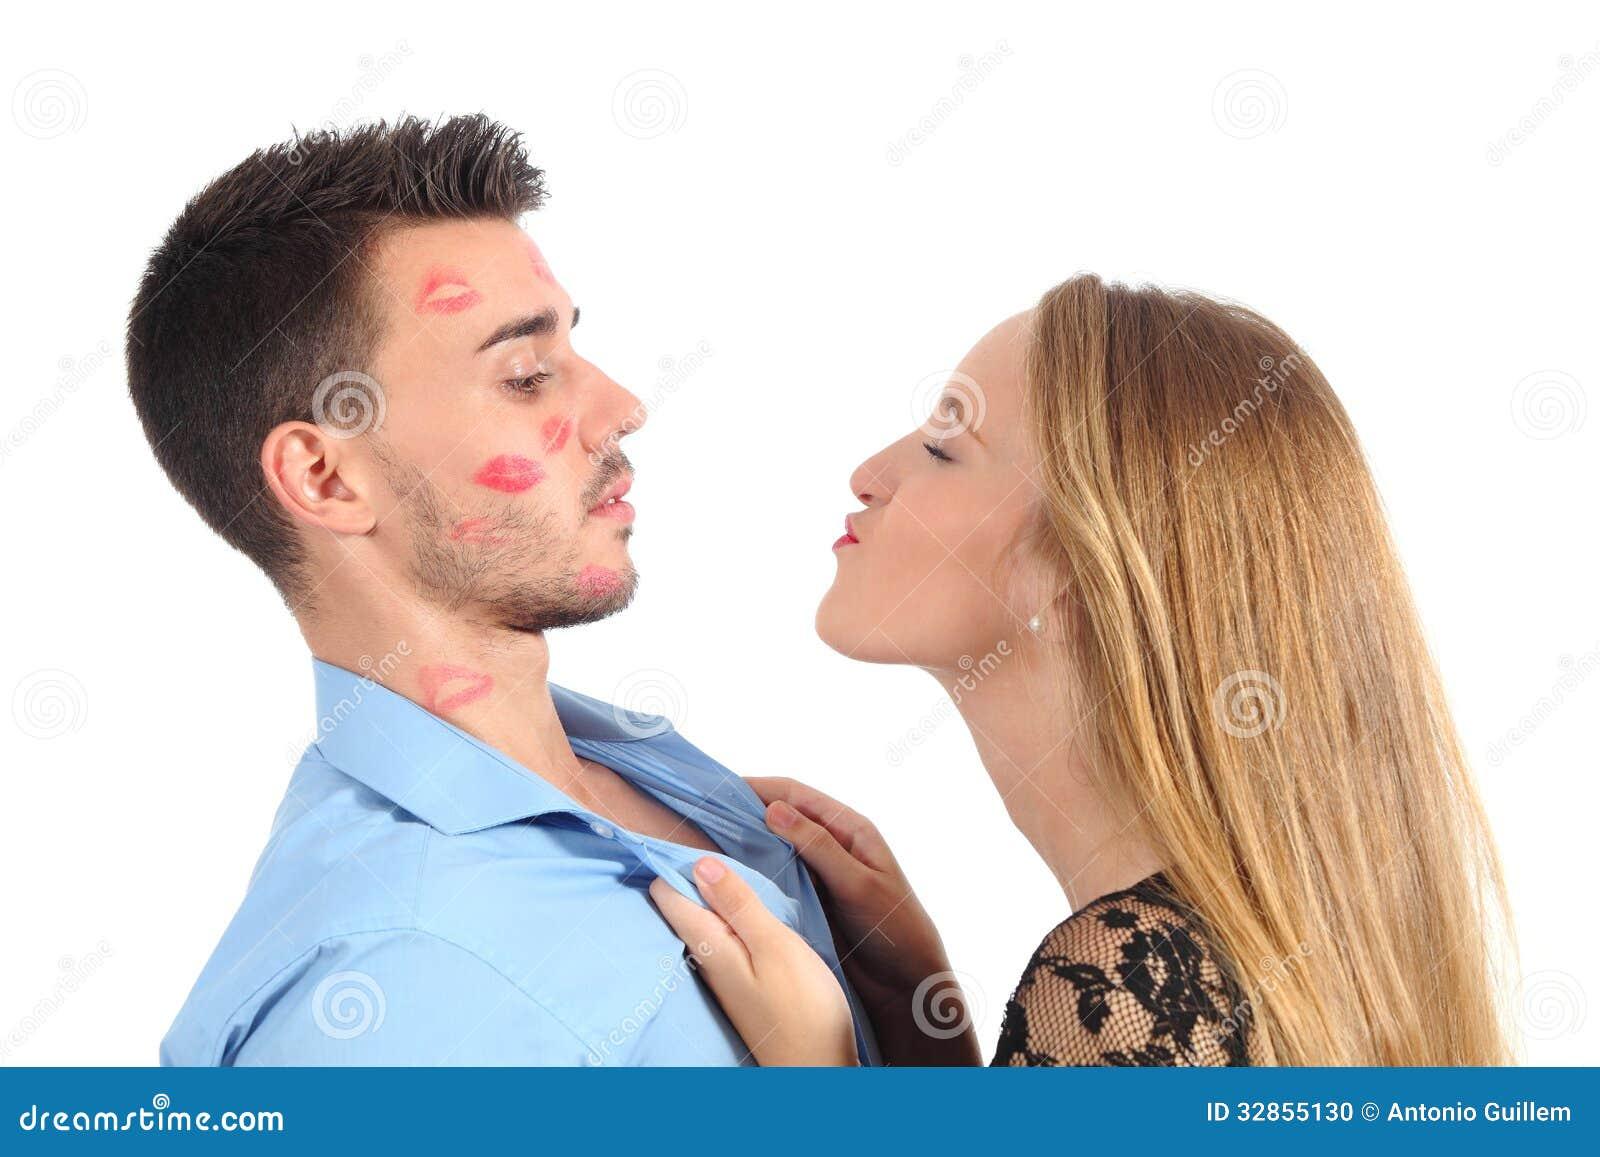 Stock boundaries in dating 5